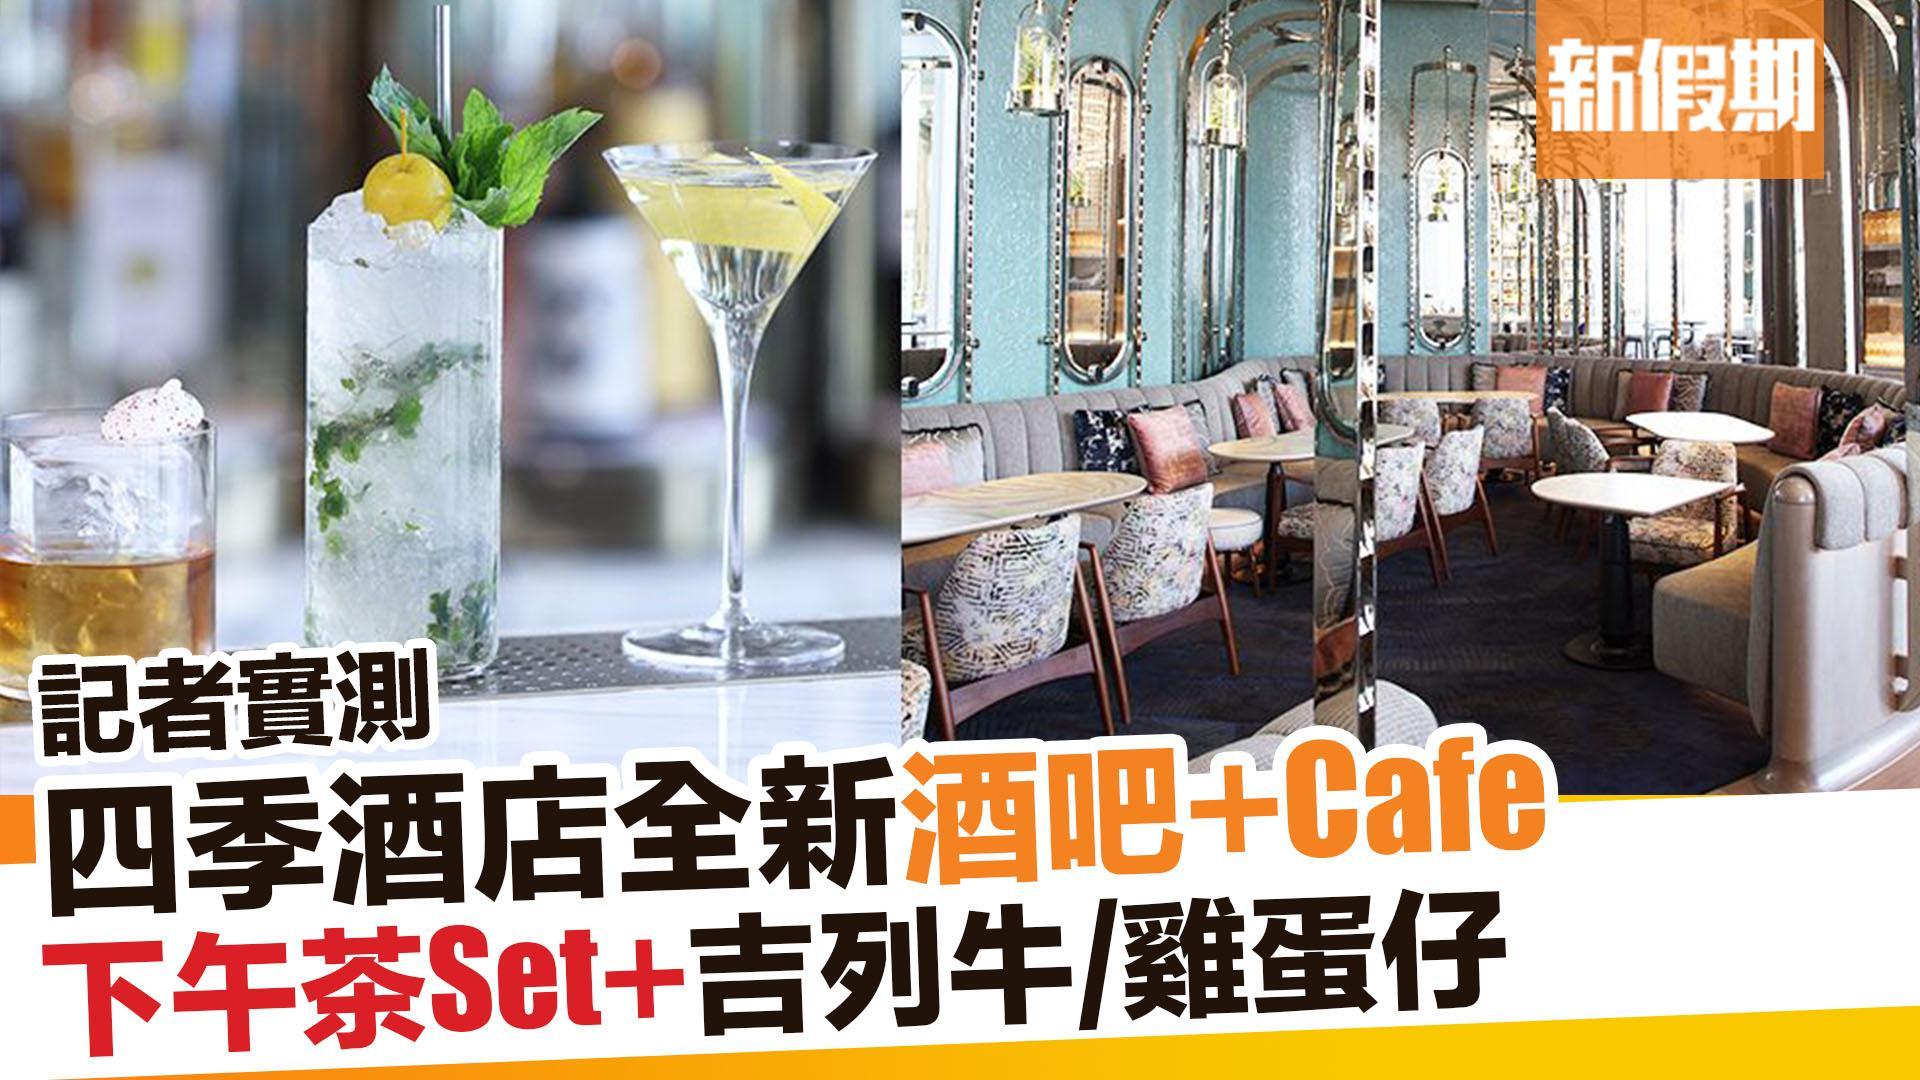 【區區搵食】四季酒店全新Argo酒吧+Gallery咖啡廳:雞尾酒+吉列免治和牛三文治+最新下午茶Tea Set 新假期